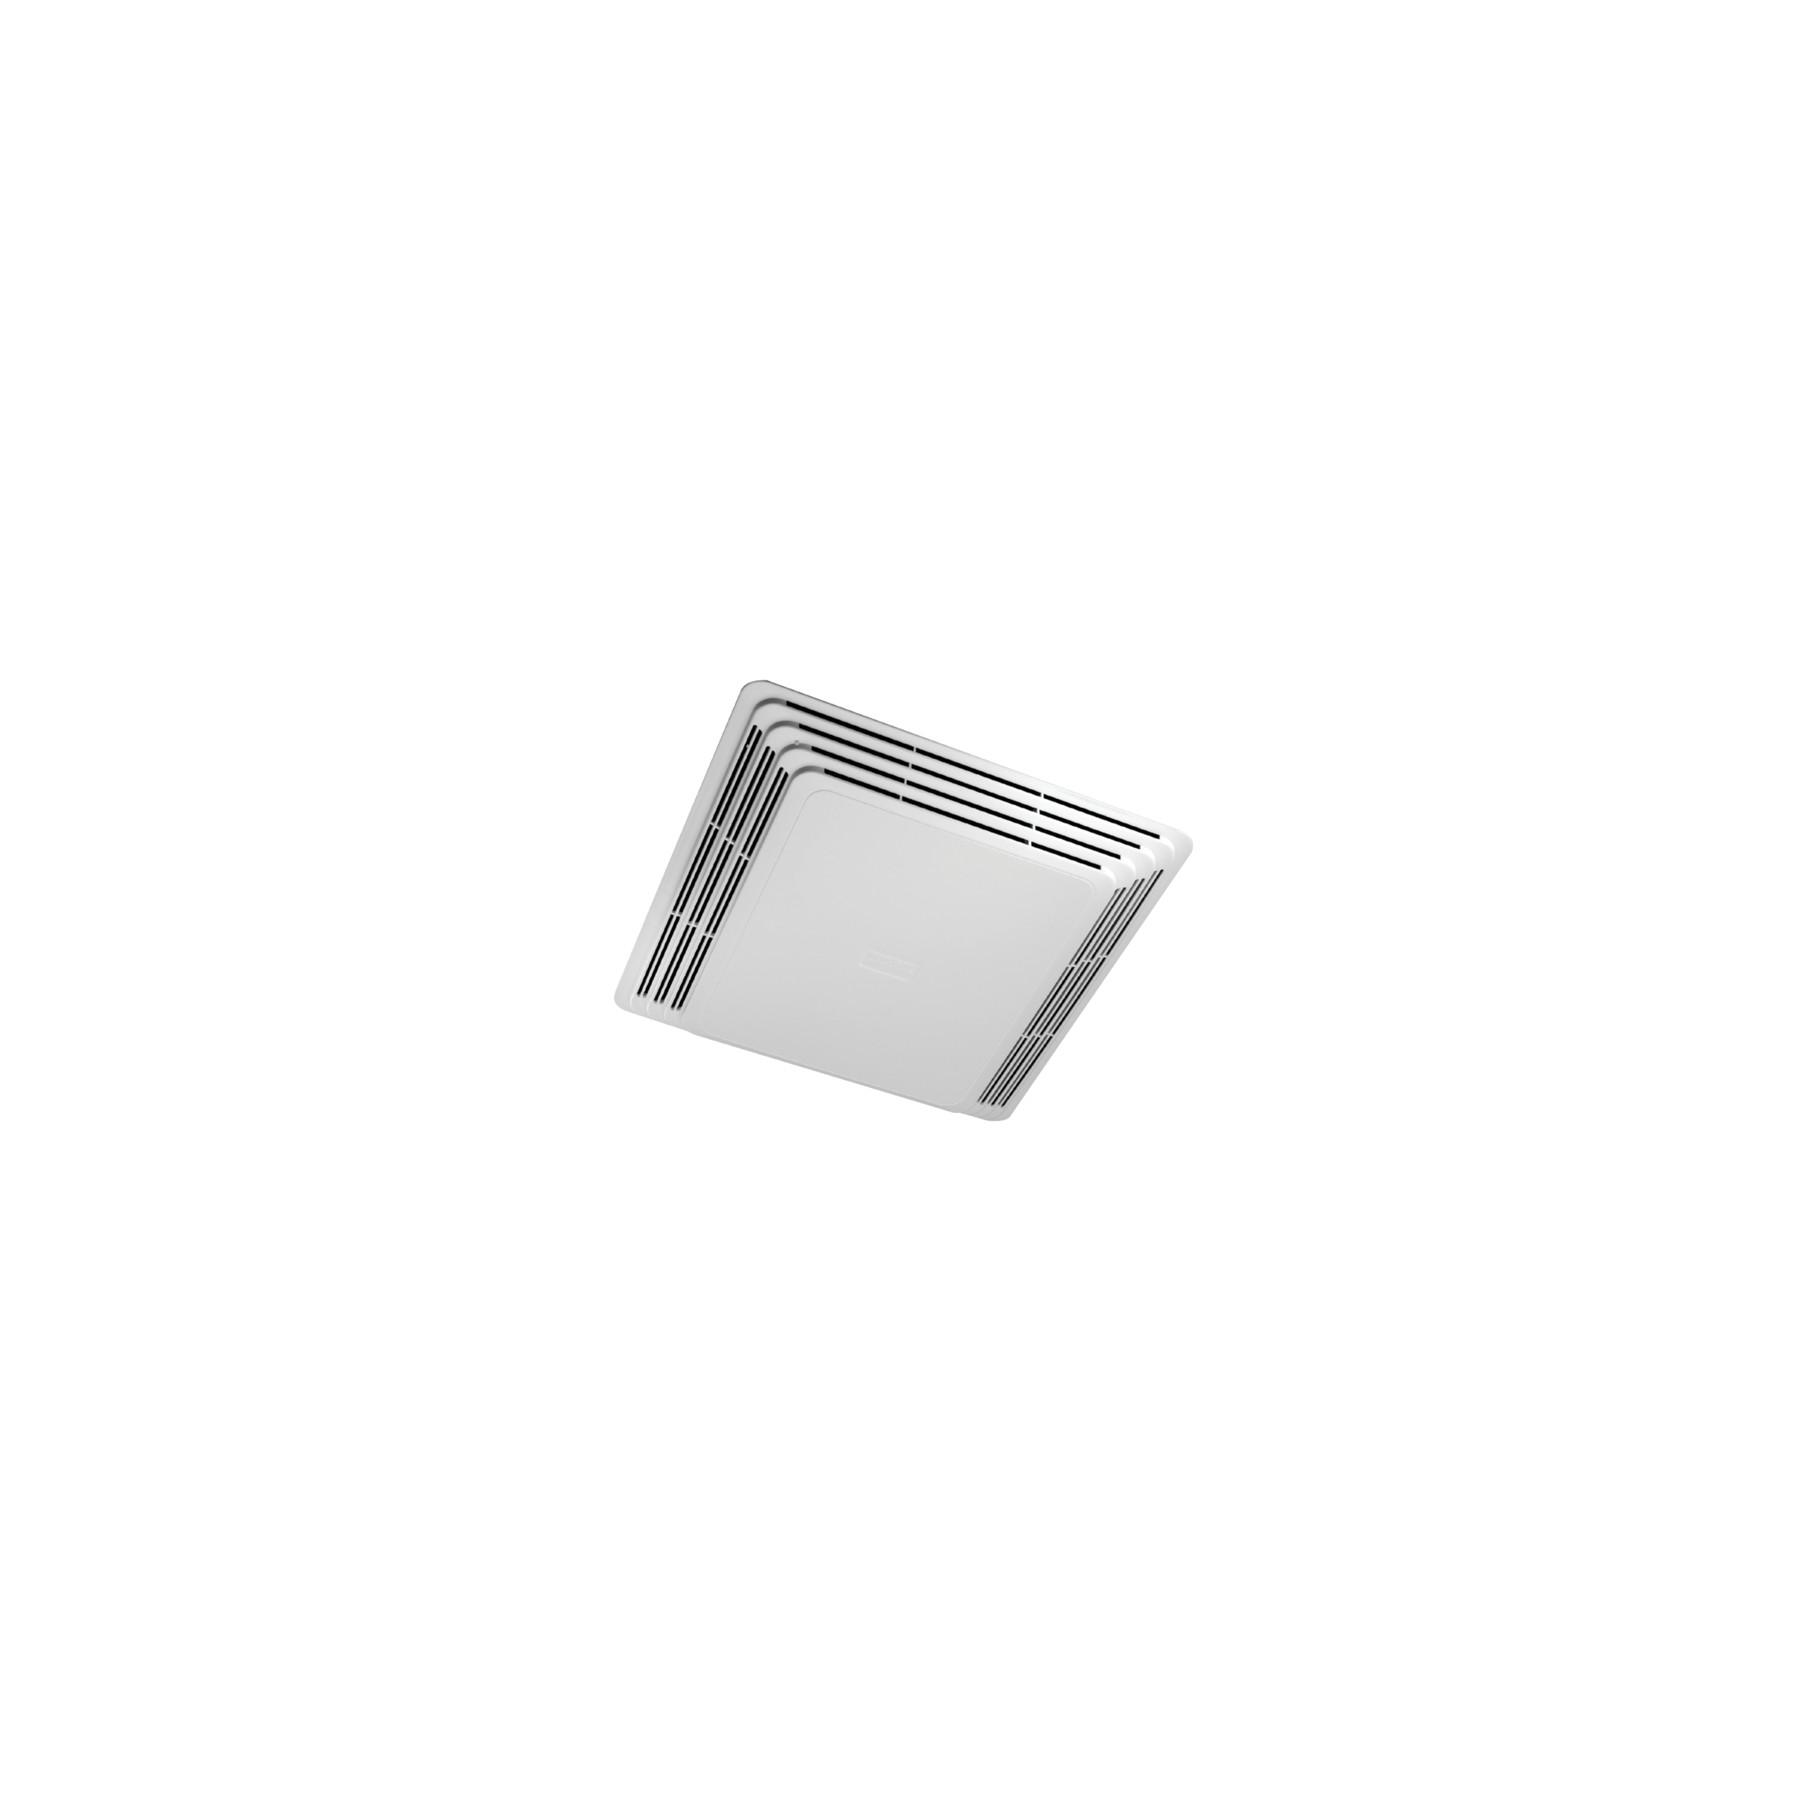 Grille de remplacement pour ventilateurs DX90/DX110